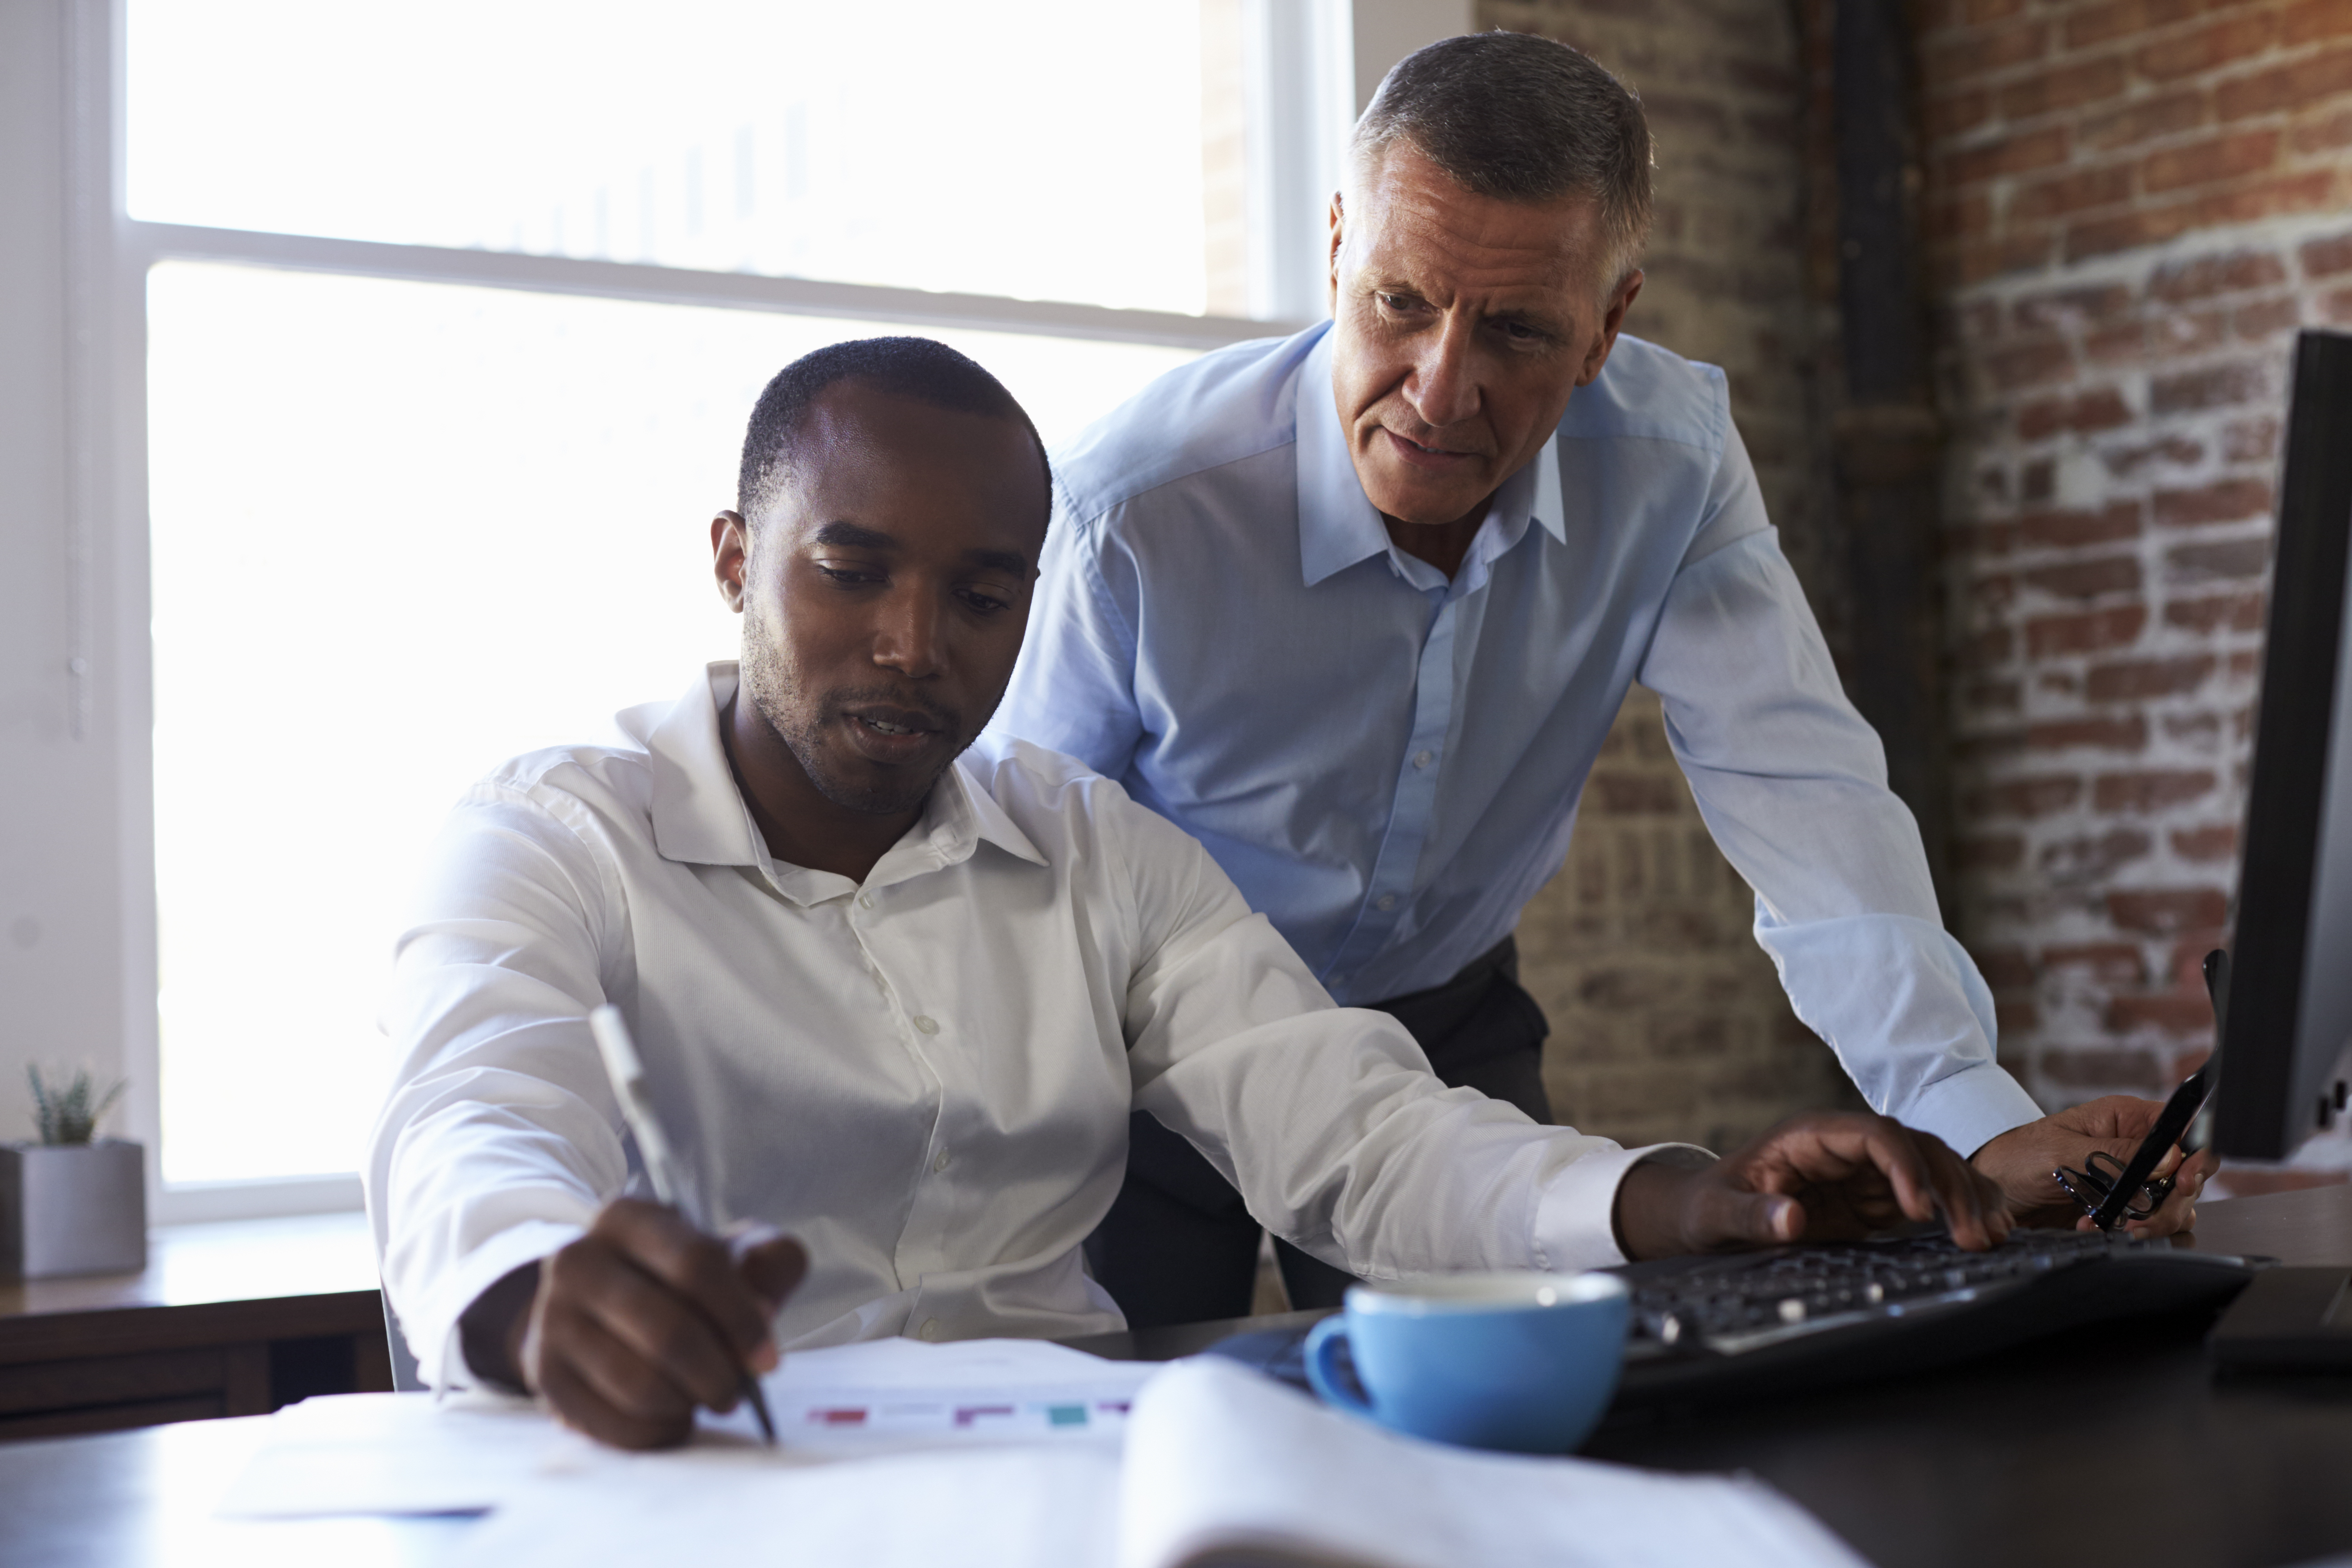 businessmen-working-on-computer-in-office-P3V4QHN.jpg